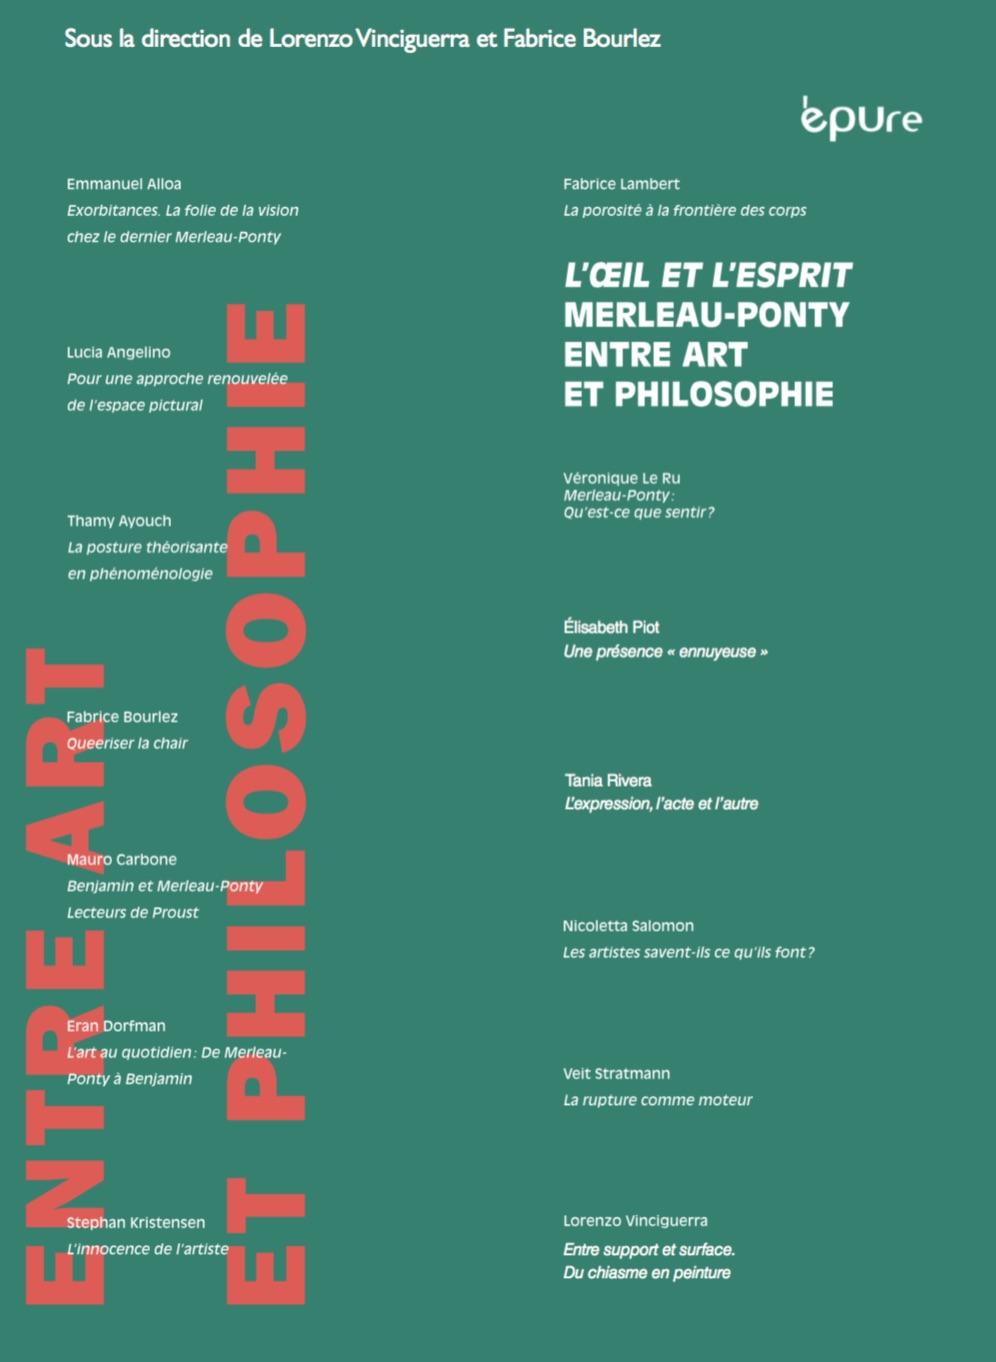 L'Œil et l'esprit : Merleau‐Ponty entre art et philosophie